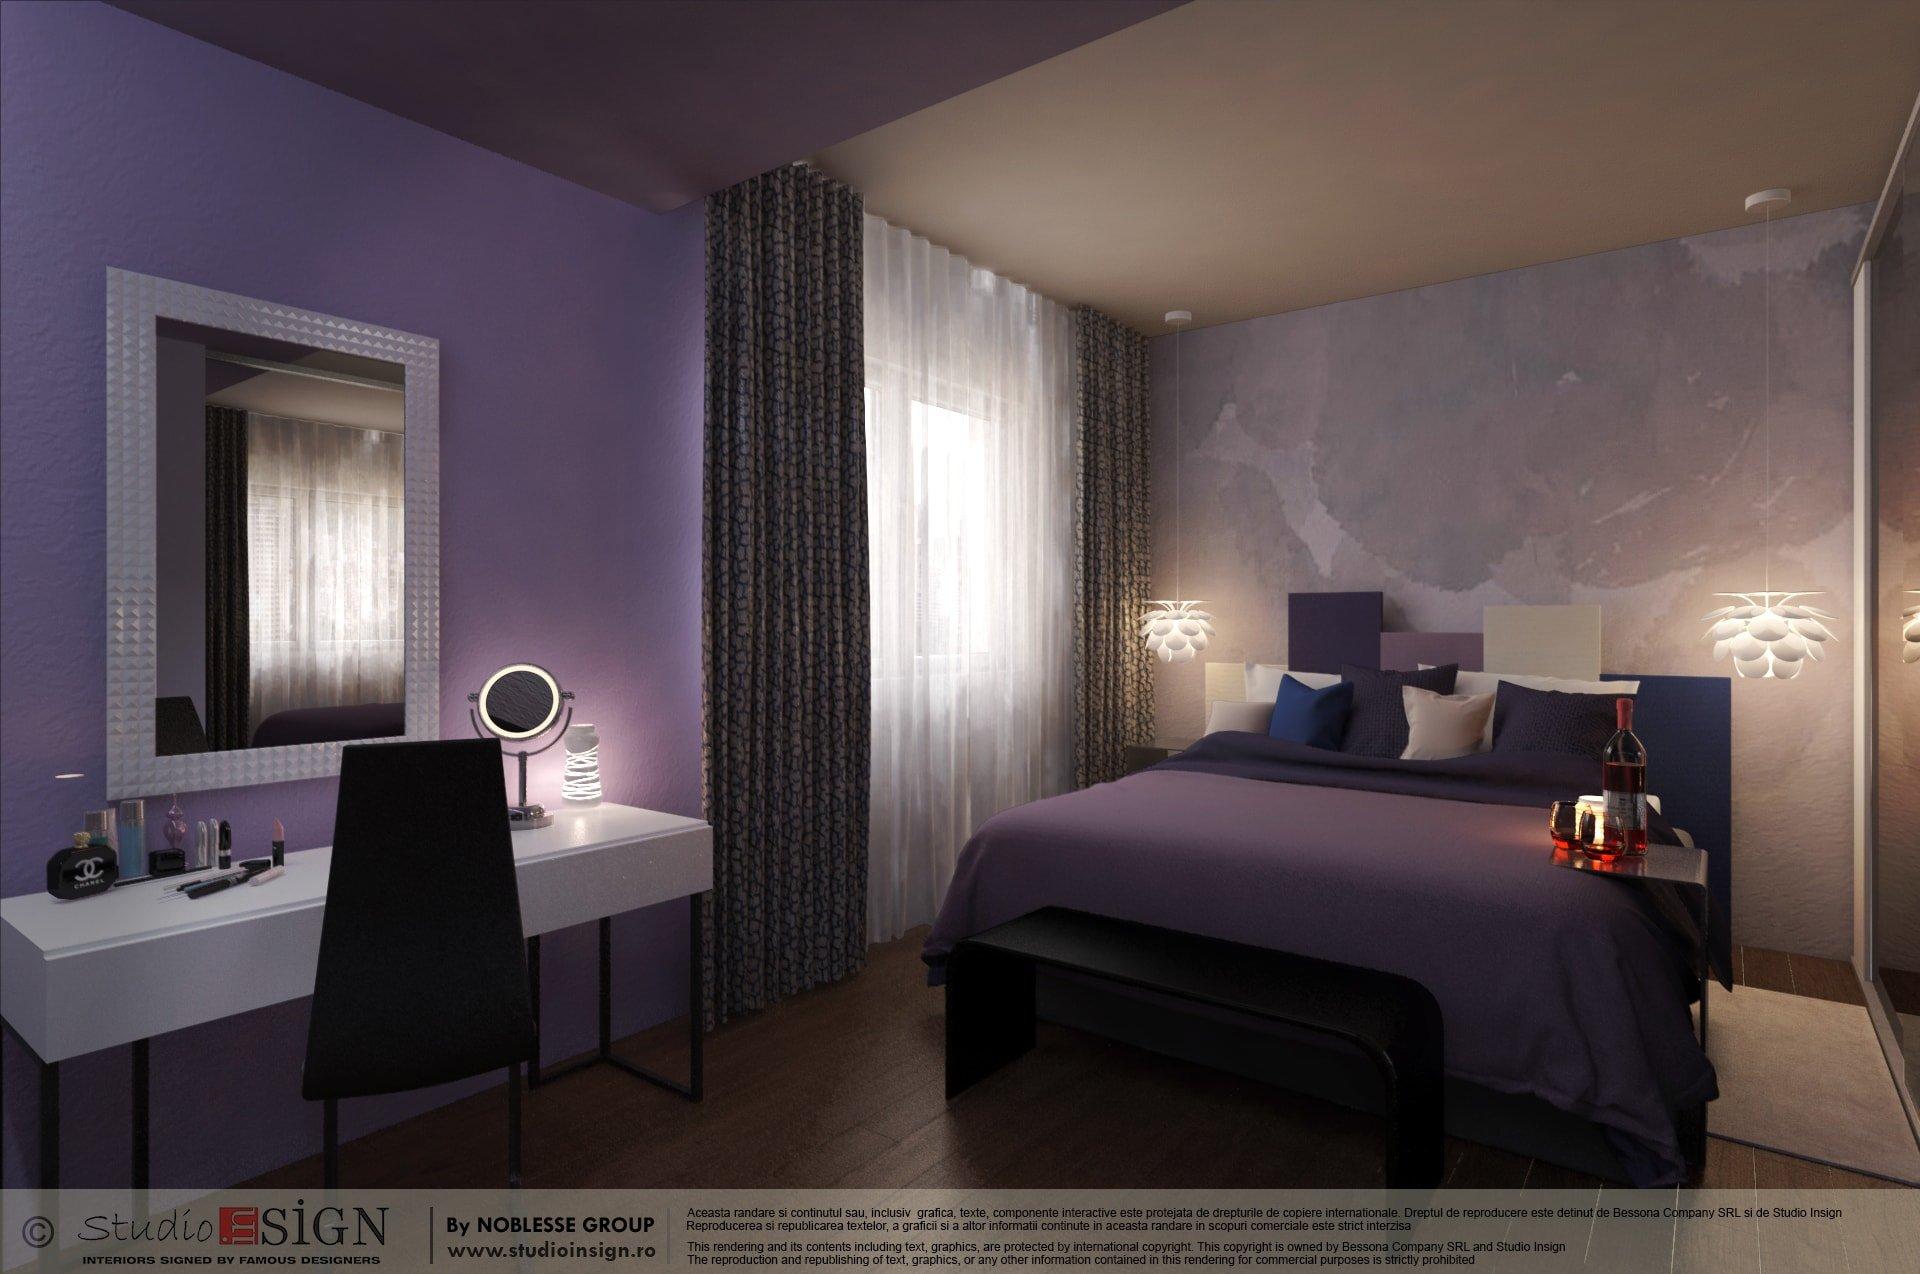 amenajare moderna design interior casa pipera studio insign